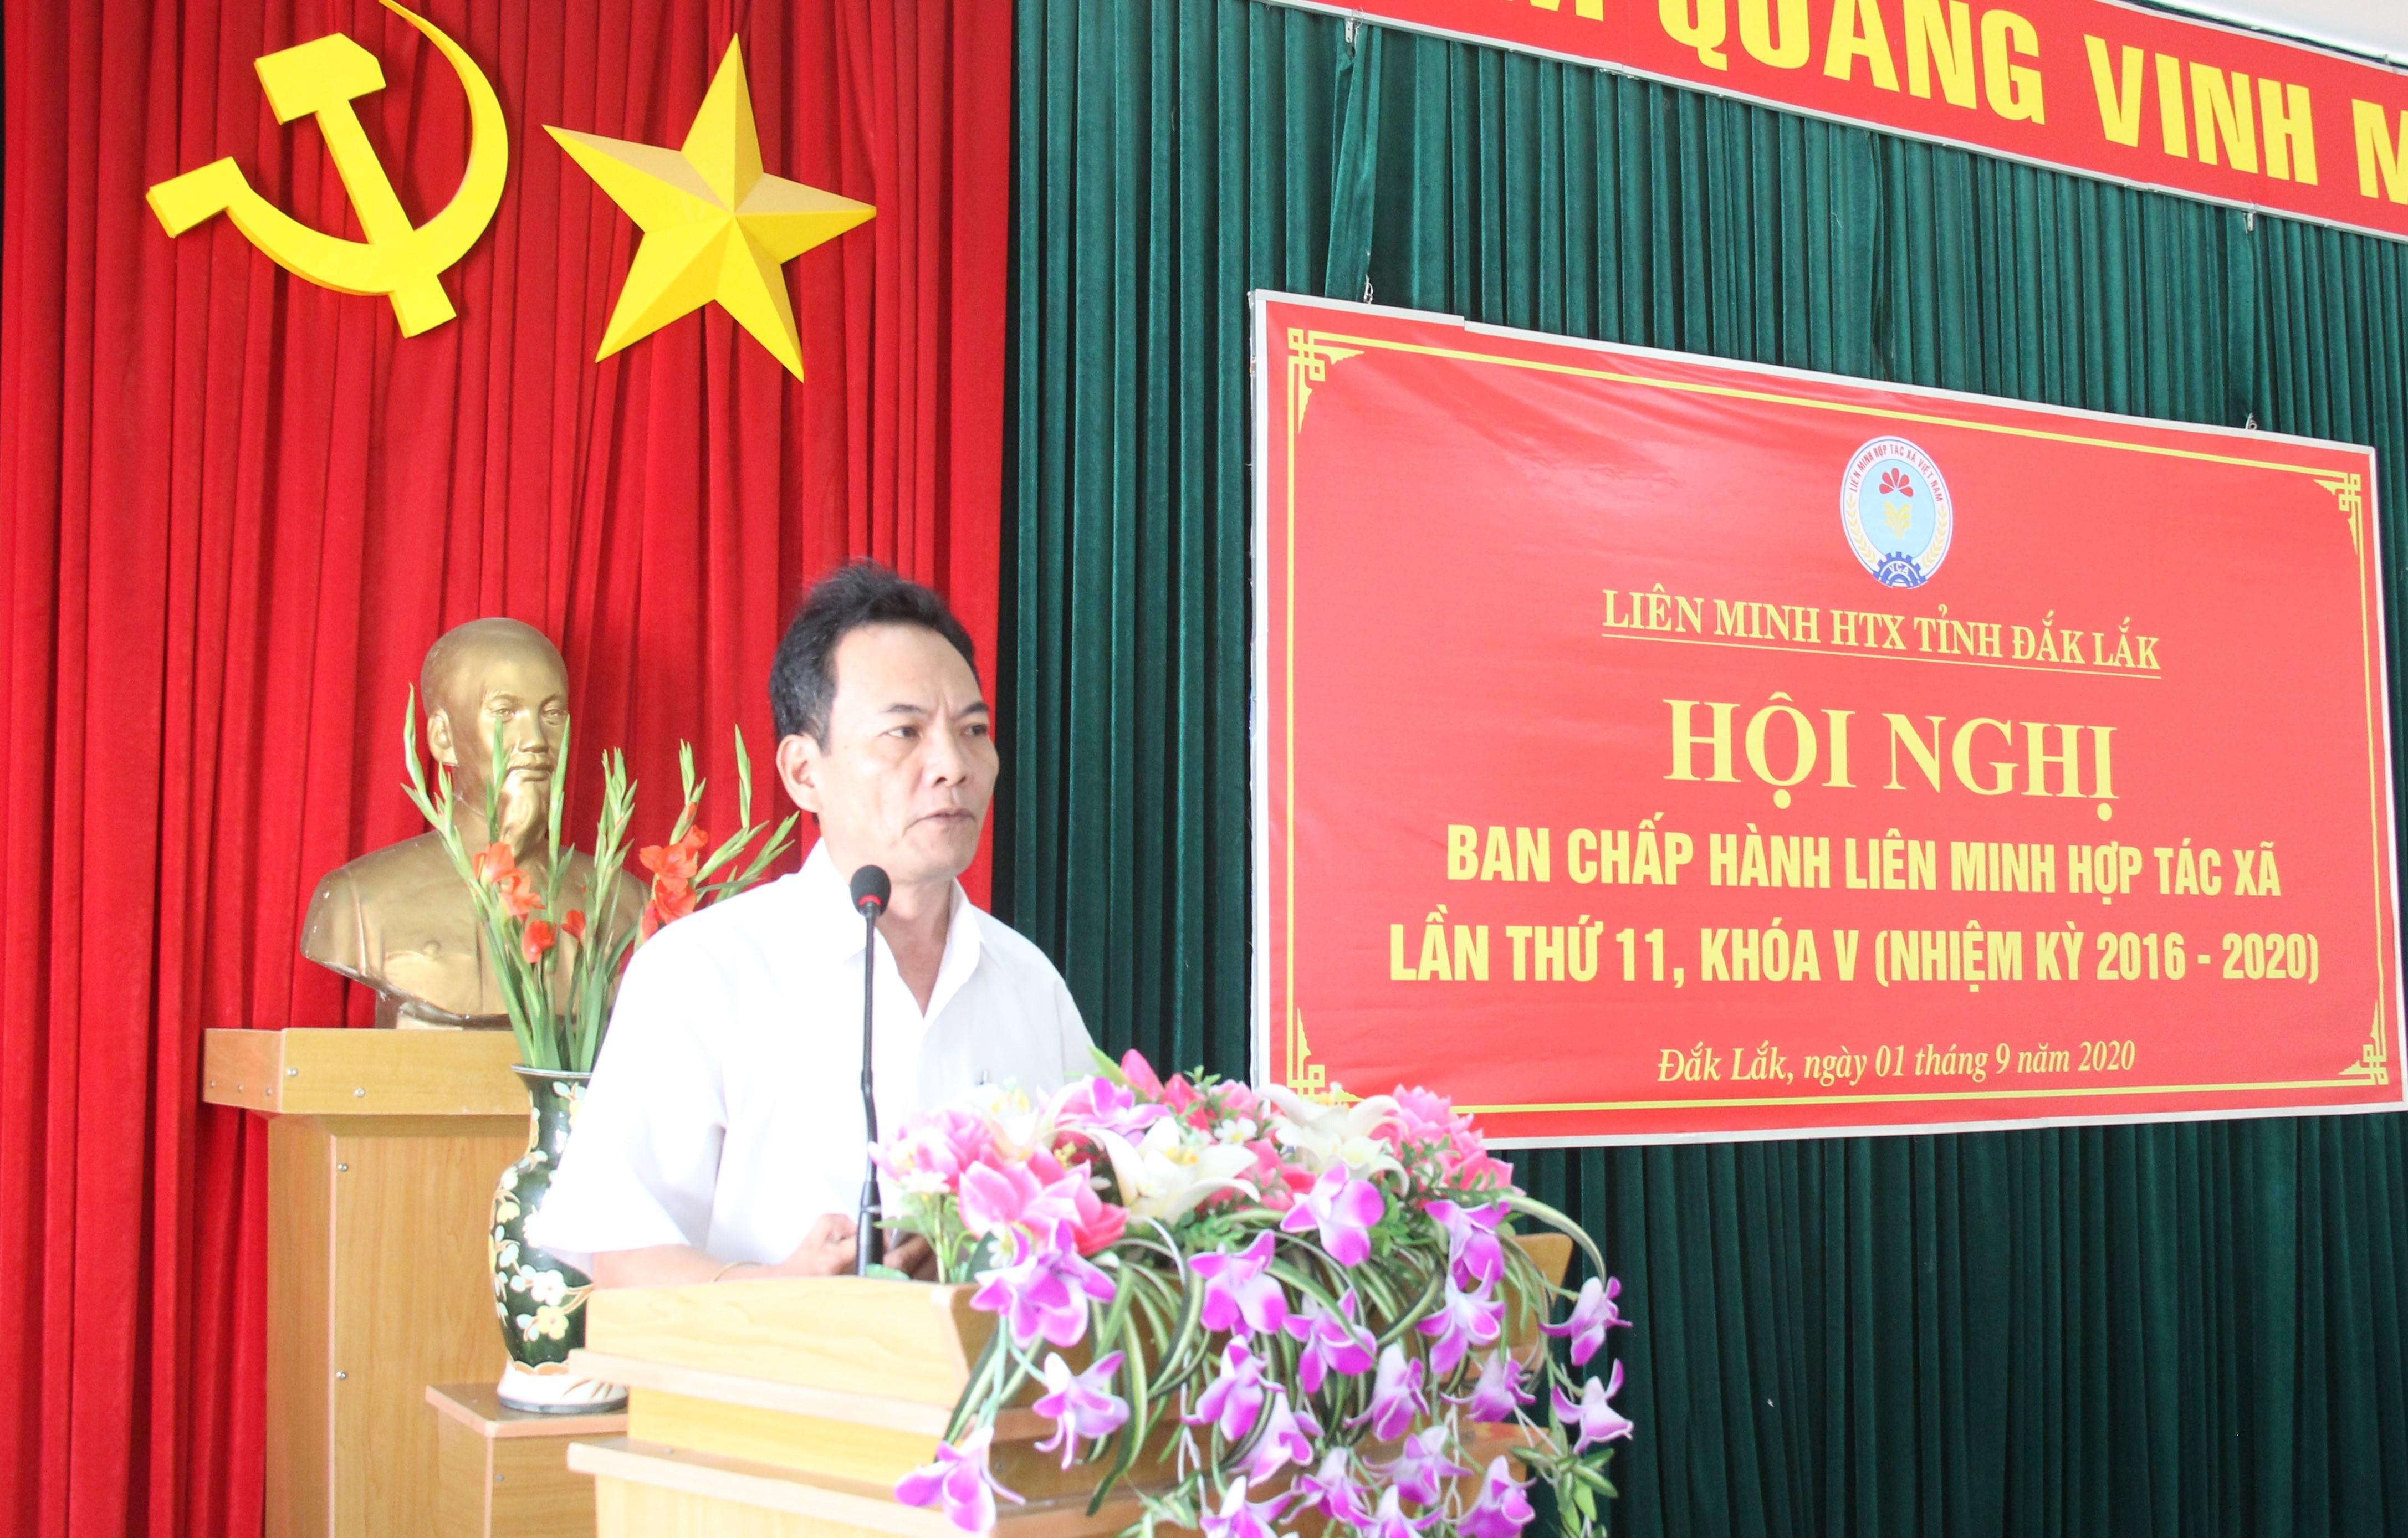 Hội nghị Ban Chấp hành Liên minh HTX tỉnh Đắk Lắk lần thứ 11